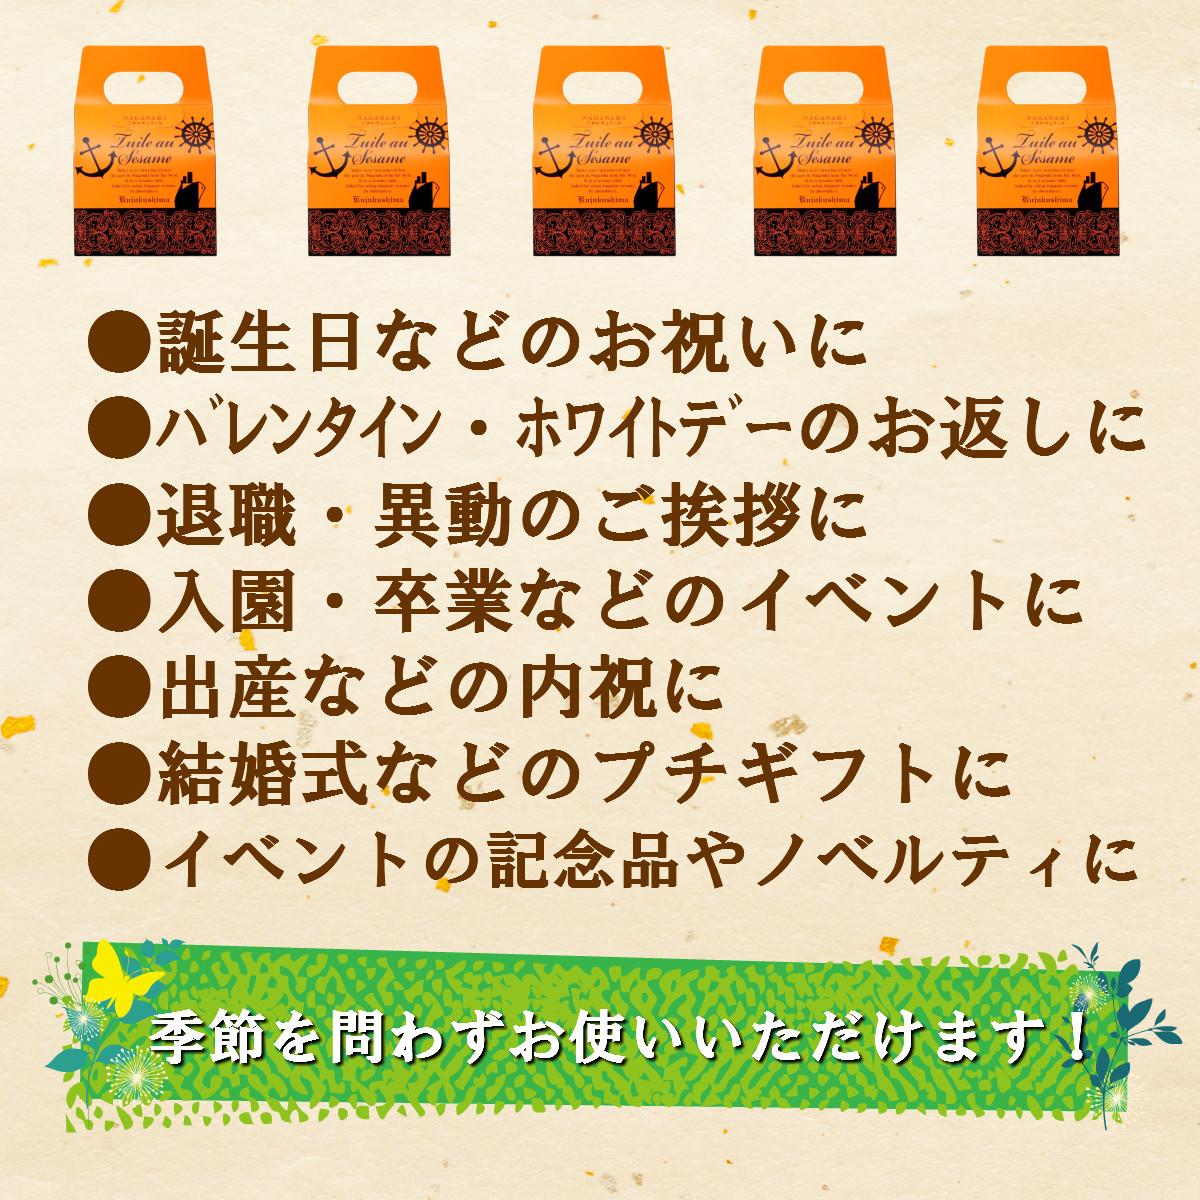 ごまのチュイール5枚入り(長崎便)